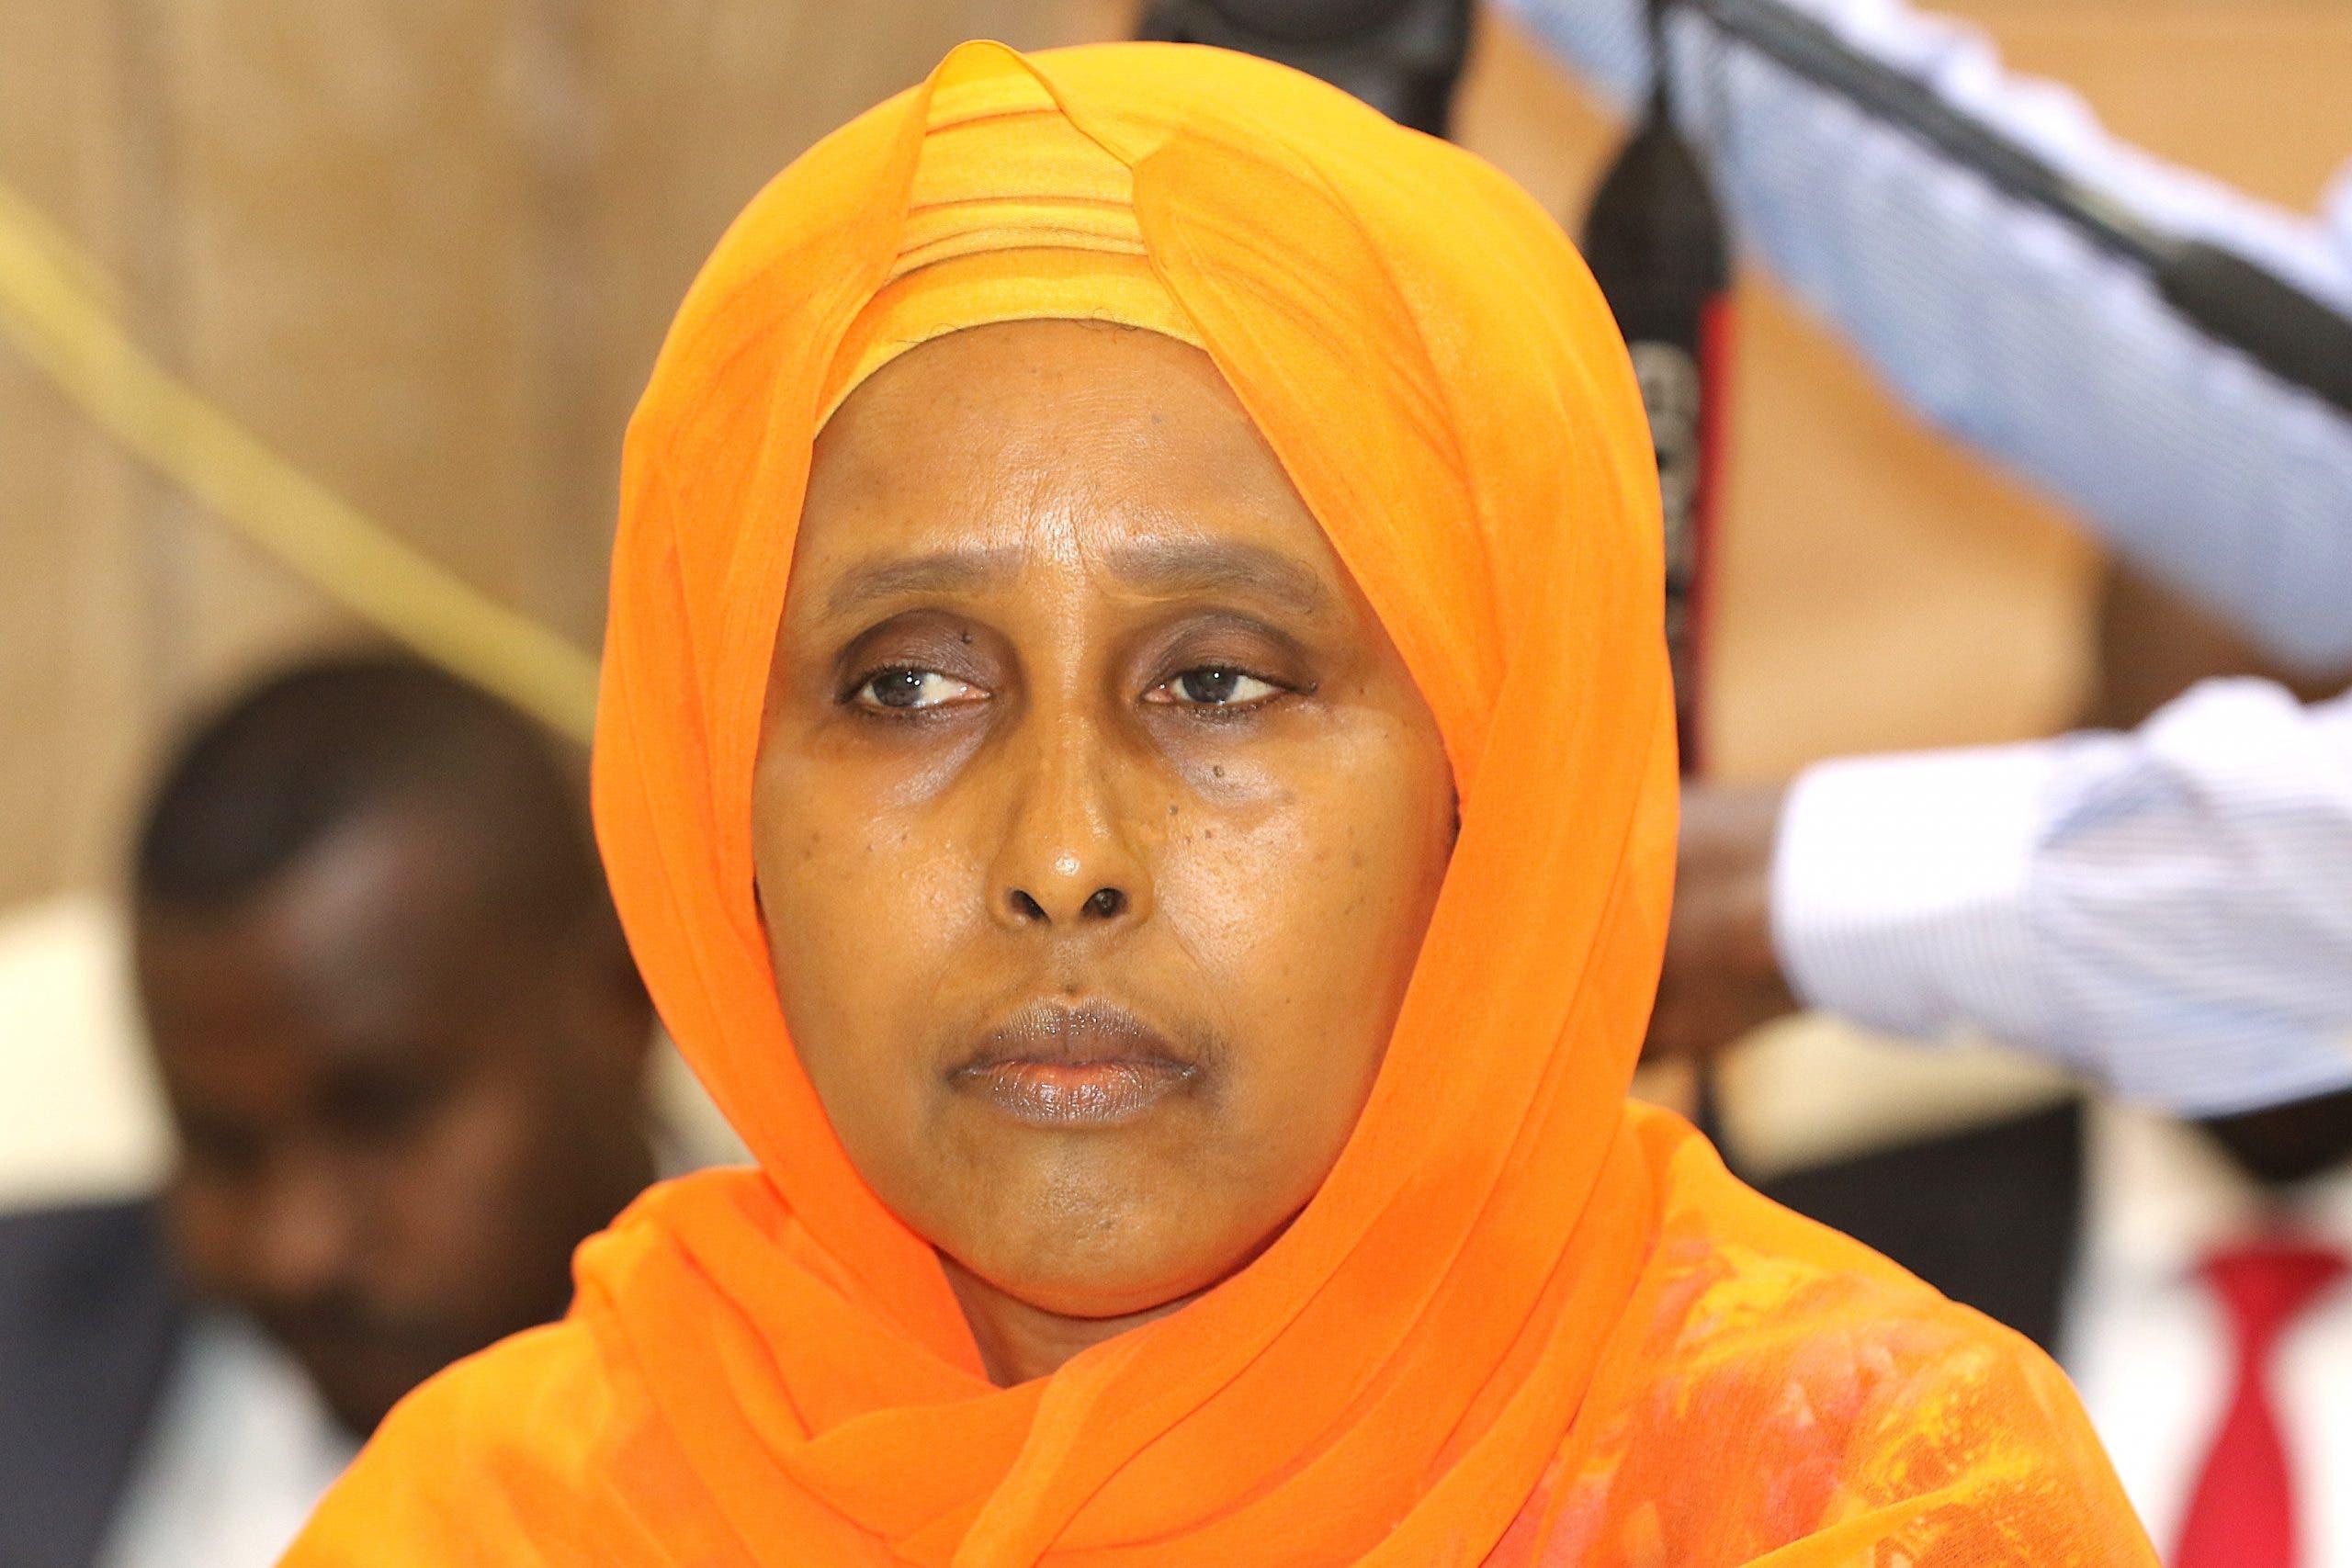 DF Somalia oo war cusub kasoo saartay xiisada kala dhaxeysa isbitalka Turkish-ka ee Yardimeli ee Muqdisho